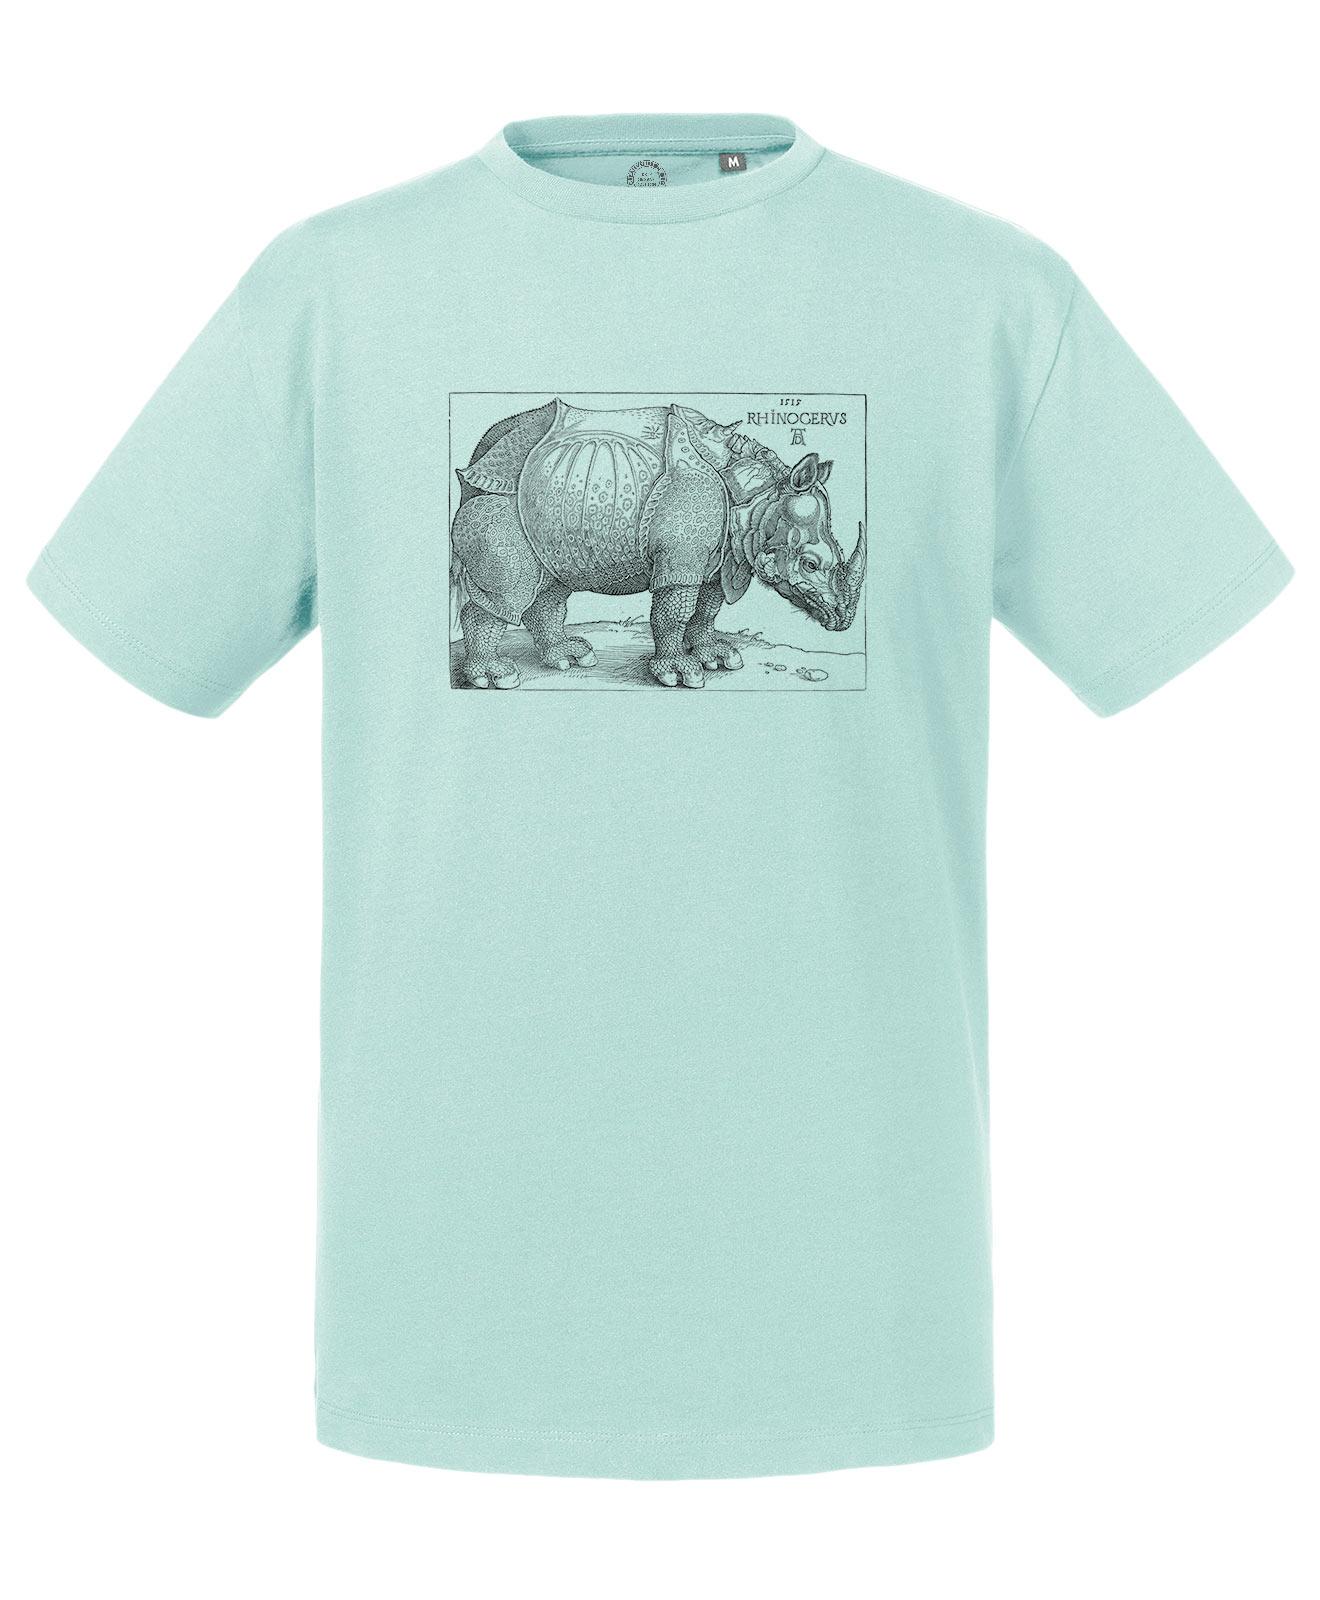 Rhinocerus Organic Kid Tee